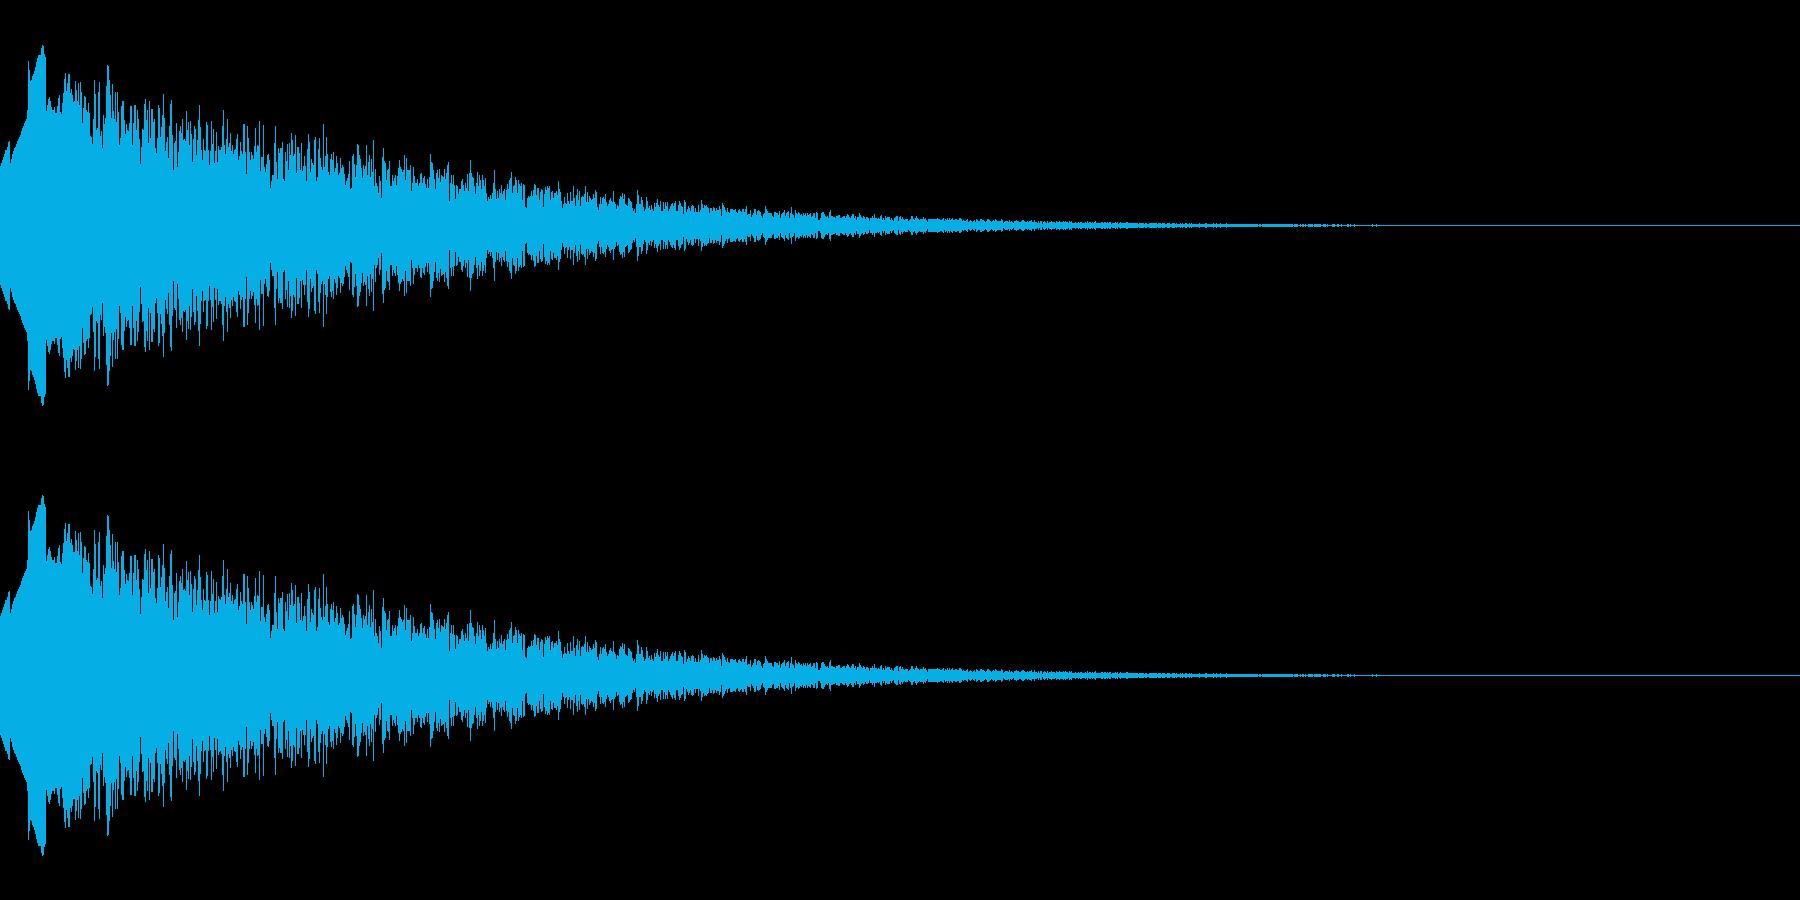 上昇するようなキラキラ音(経験値入手)の再生済みの波形